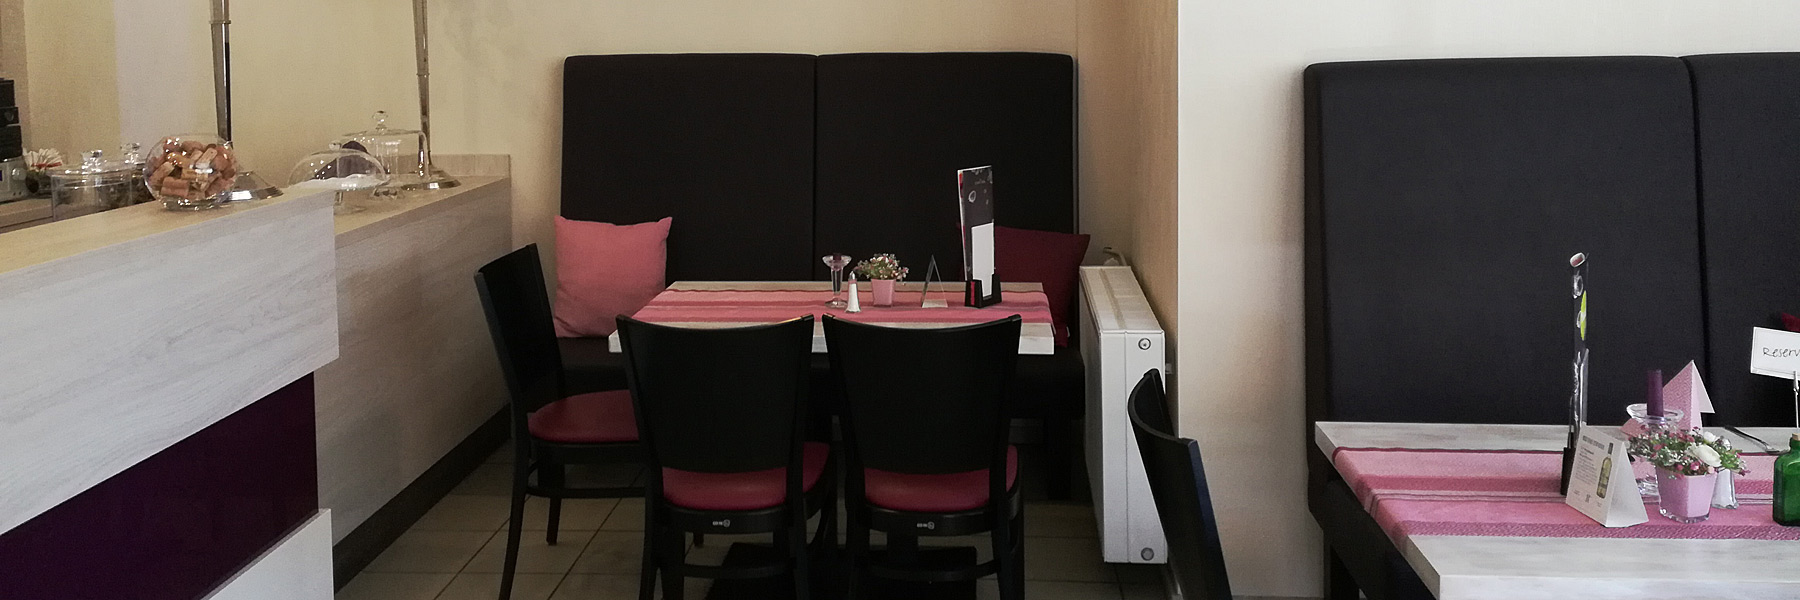 Restaurant mit Sitzecke - Restaurant & Café Lorenz